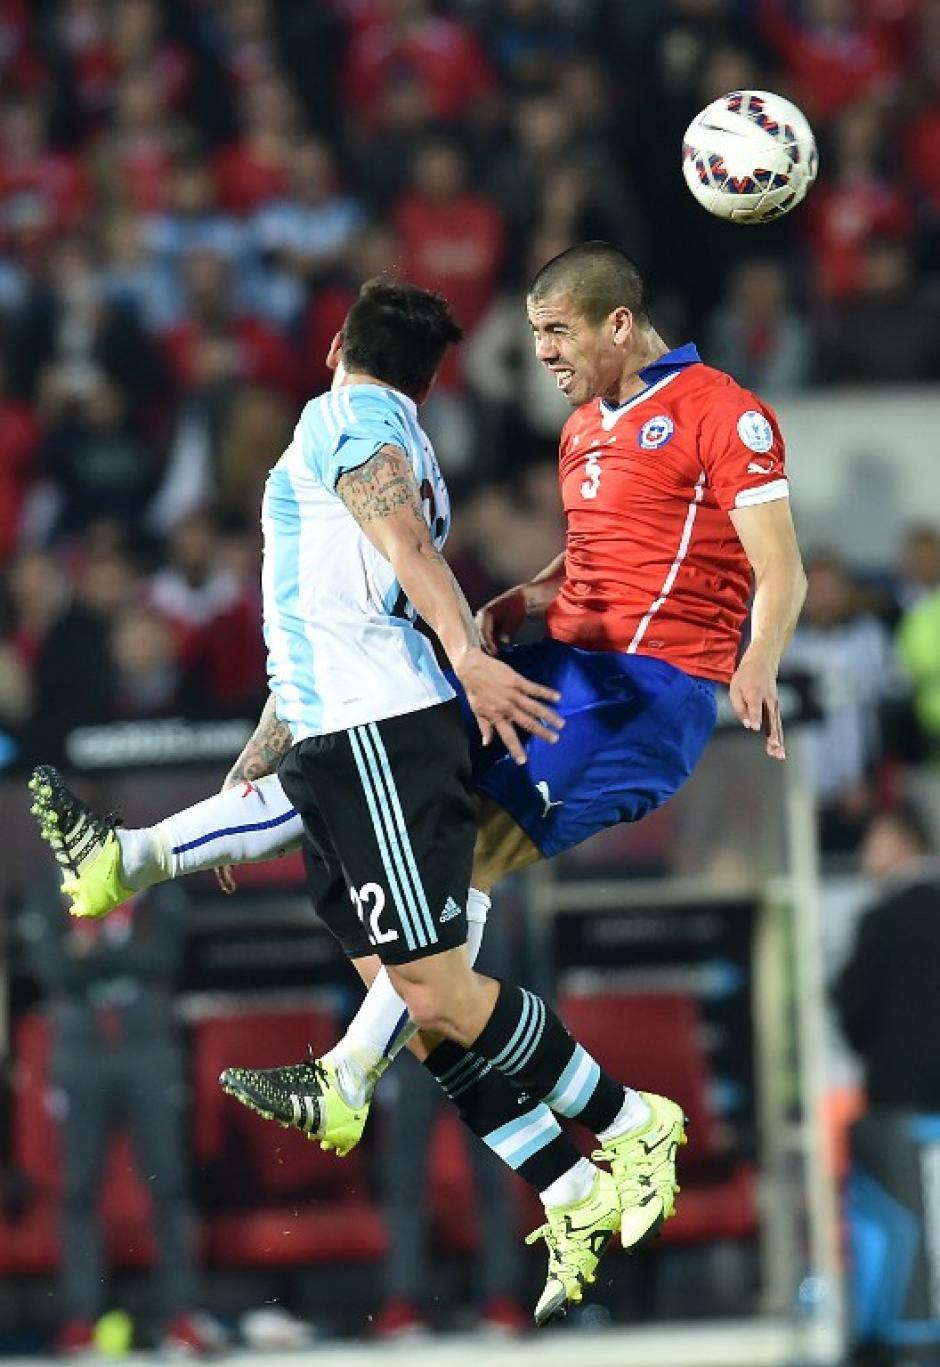 Ezequiel Lavezzi, de Argentina, y Francisco Silva, de Chile, disputan un balón en el aire. (Foto: AFP)